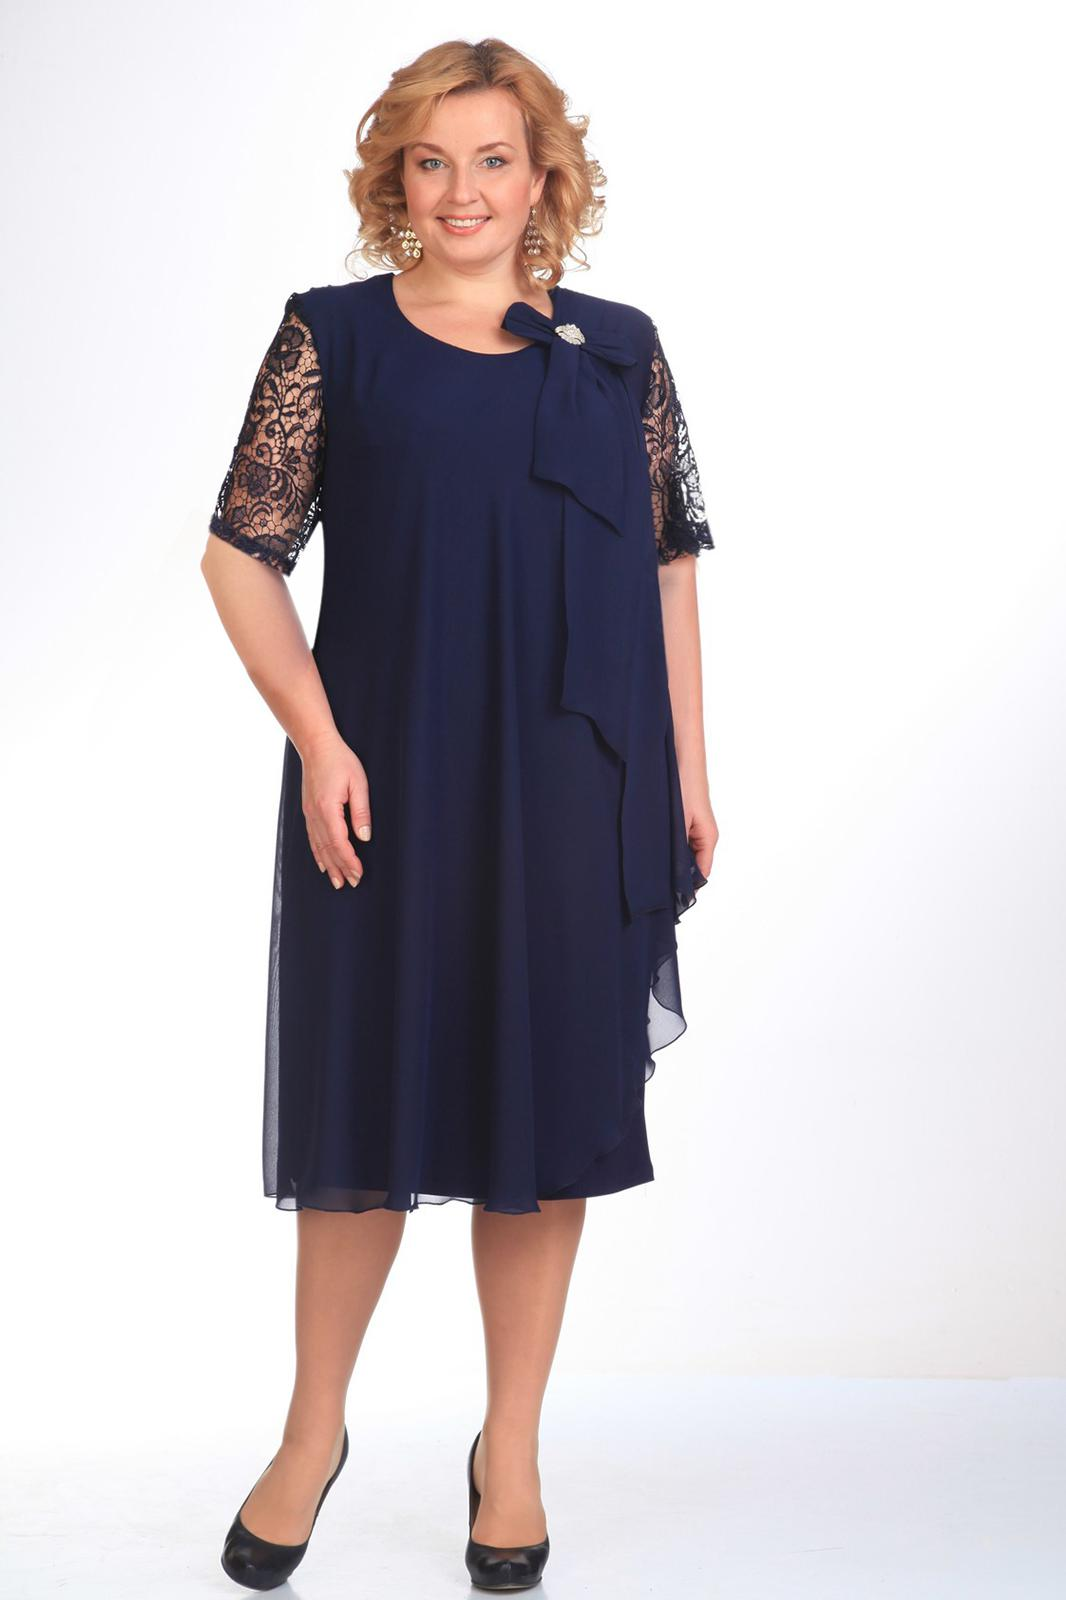 Купить Платье Pretty, 254 темно-синий, Беларусь